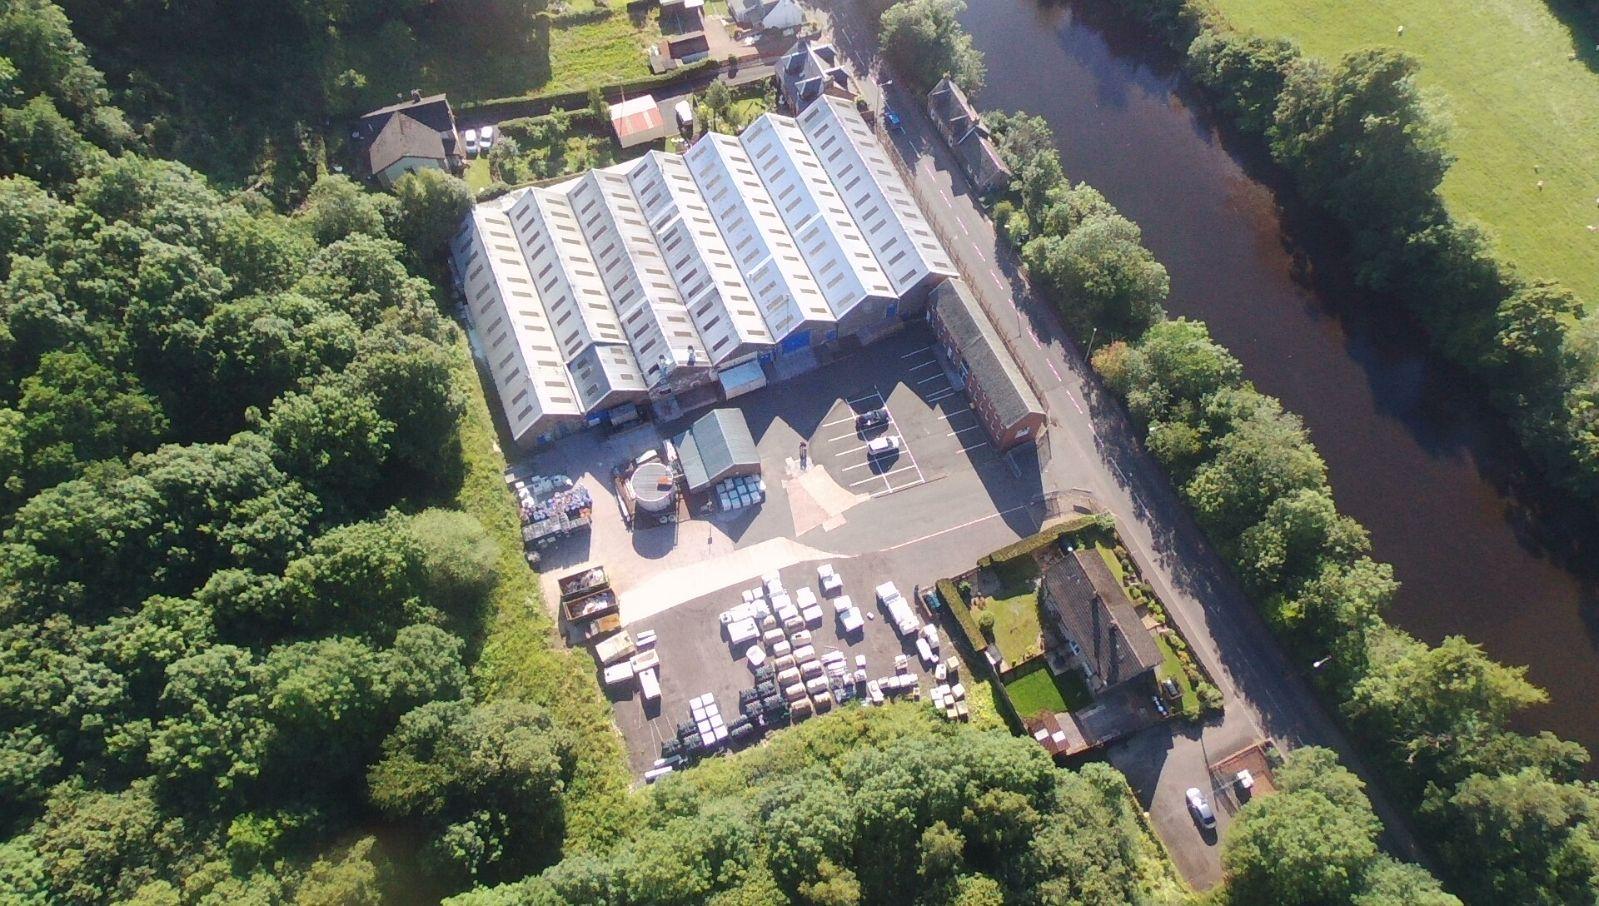 nicholson plastics aerial view